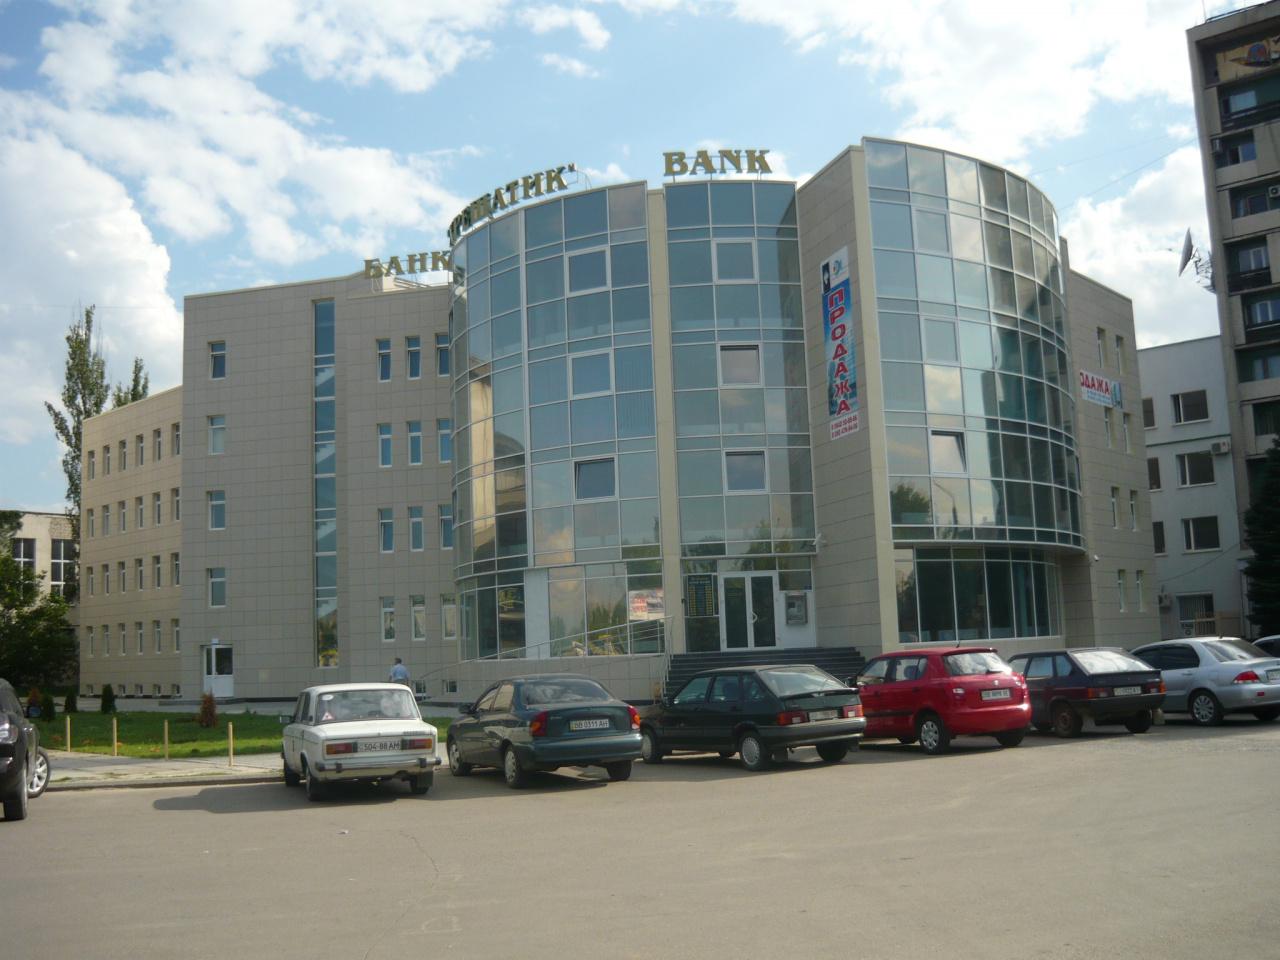 Нежитлове приміщення (приміщення №2), загальною площею 728,7 кв.м, що розташоване за адресою: м. Луганськ, вул. Хєрсонская, буд. 7є, приміщення №2